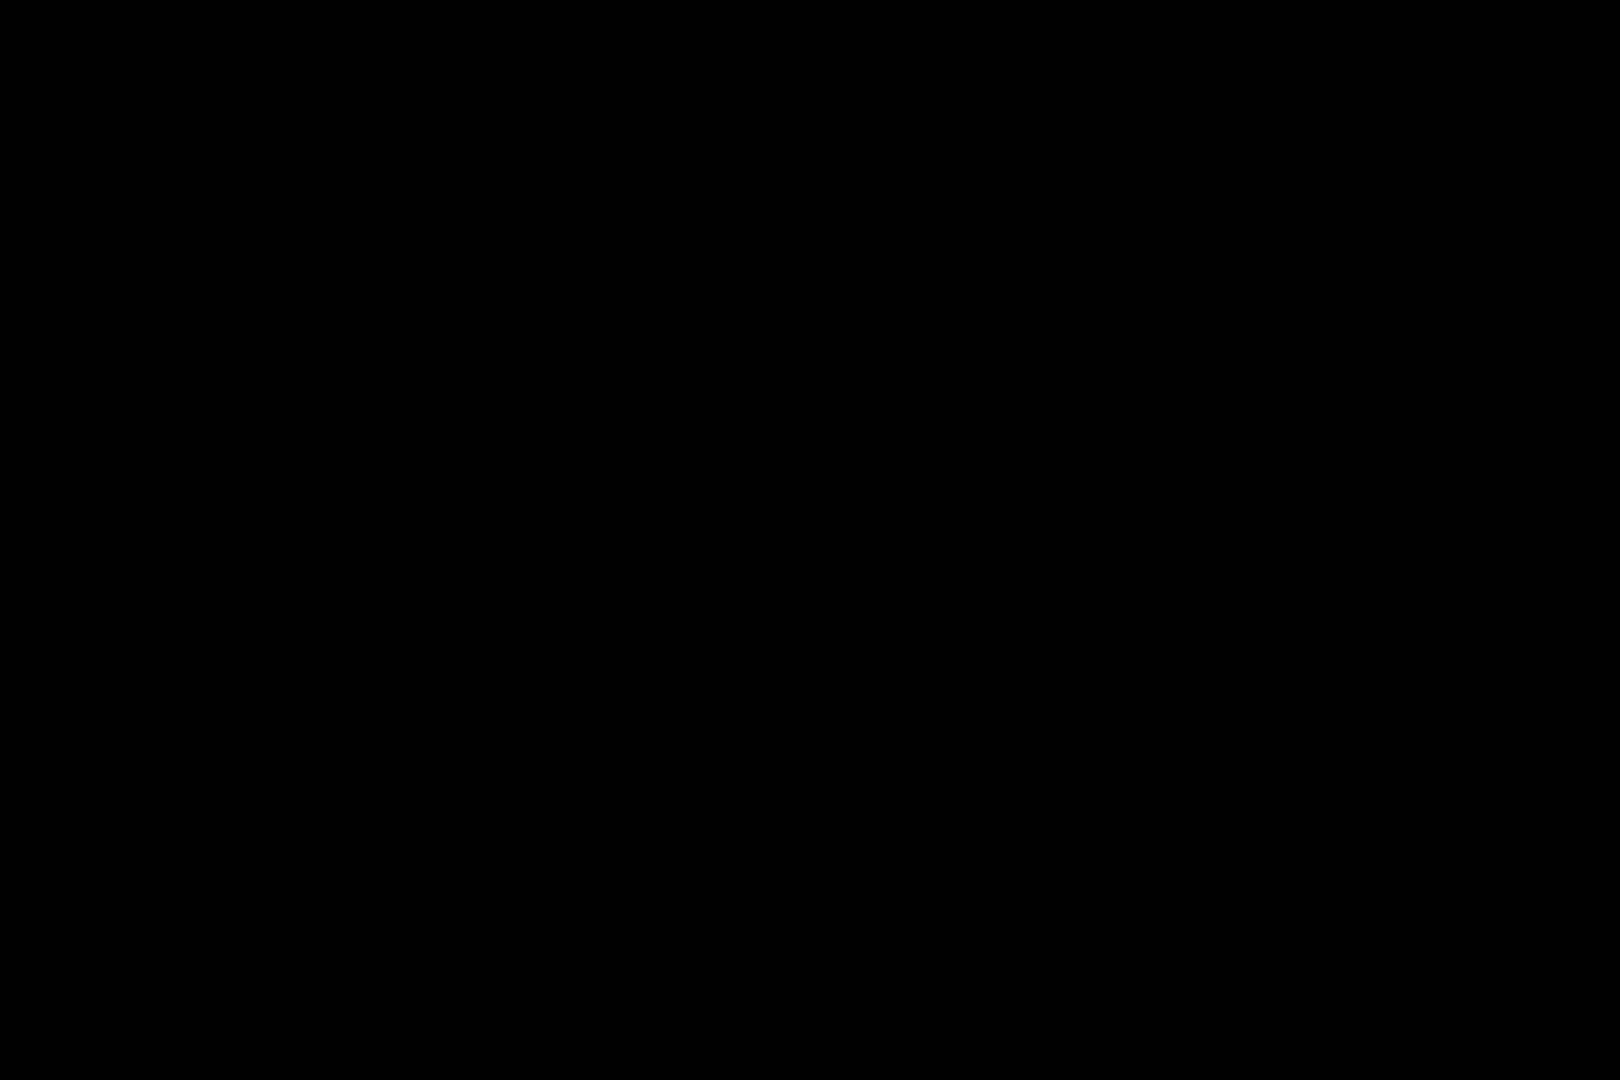 充血監督の深夜の運動会Vol.160 おまんこ娘 | 美女OL  100連発 49